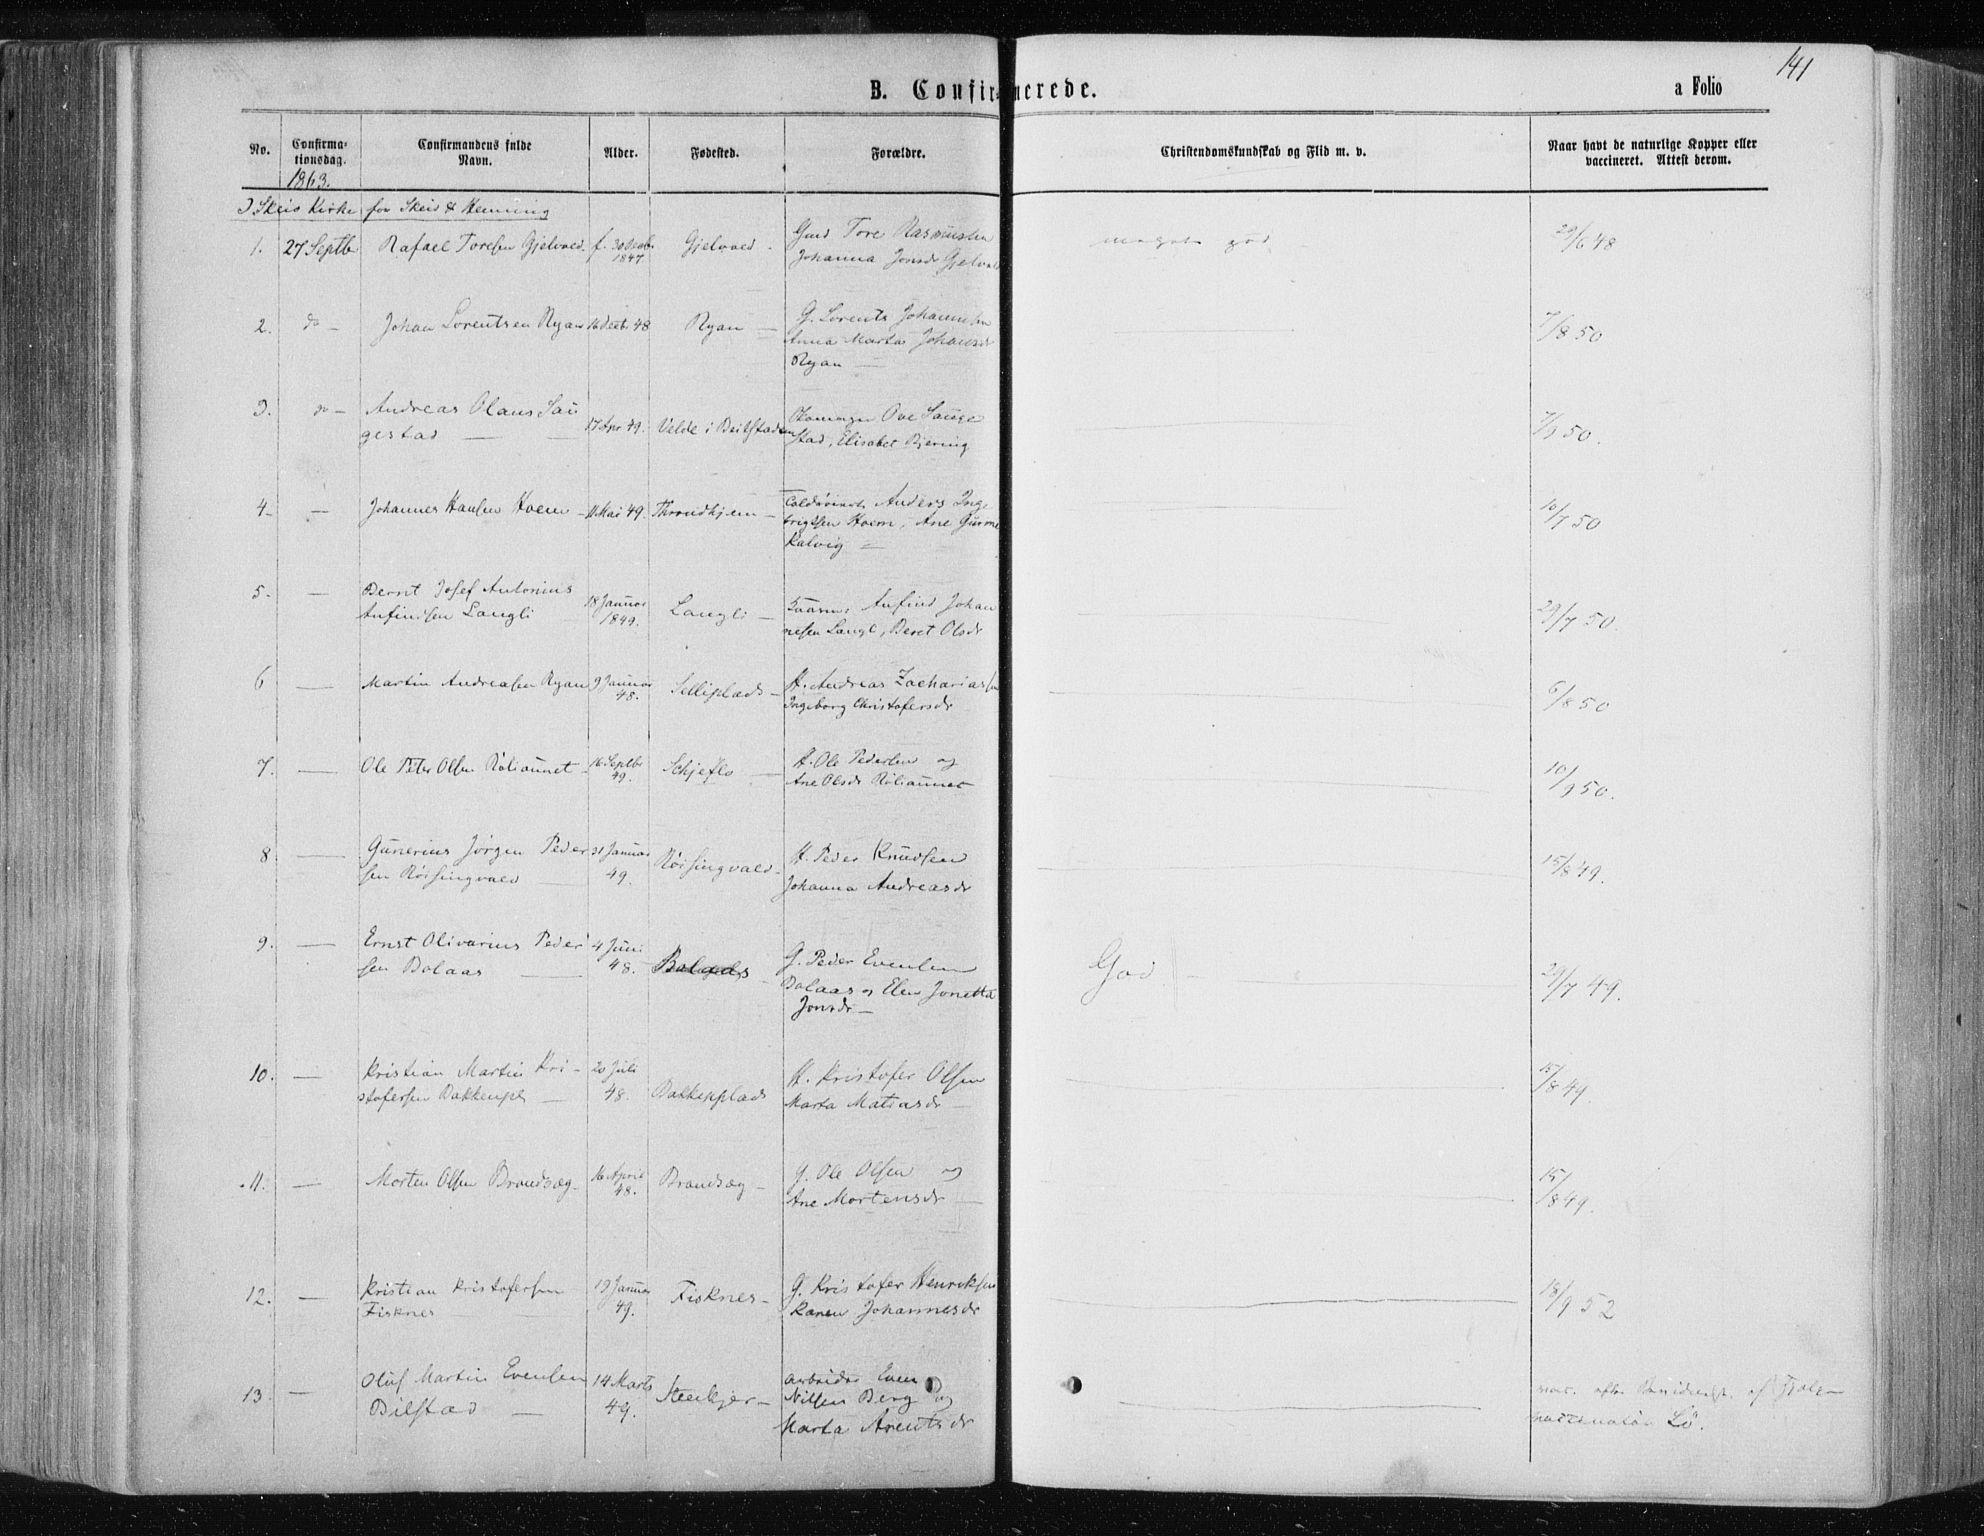 SAT, Ministerialprotokoller, klokkerbøker og fødselsregistre - Nord-Trøndelag, 735/L0345: Ministerialbok nr. 735A08 /1, 1863-1872, s. 141